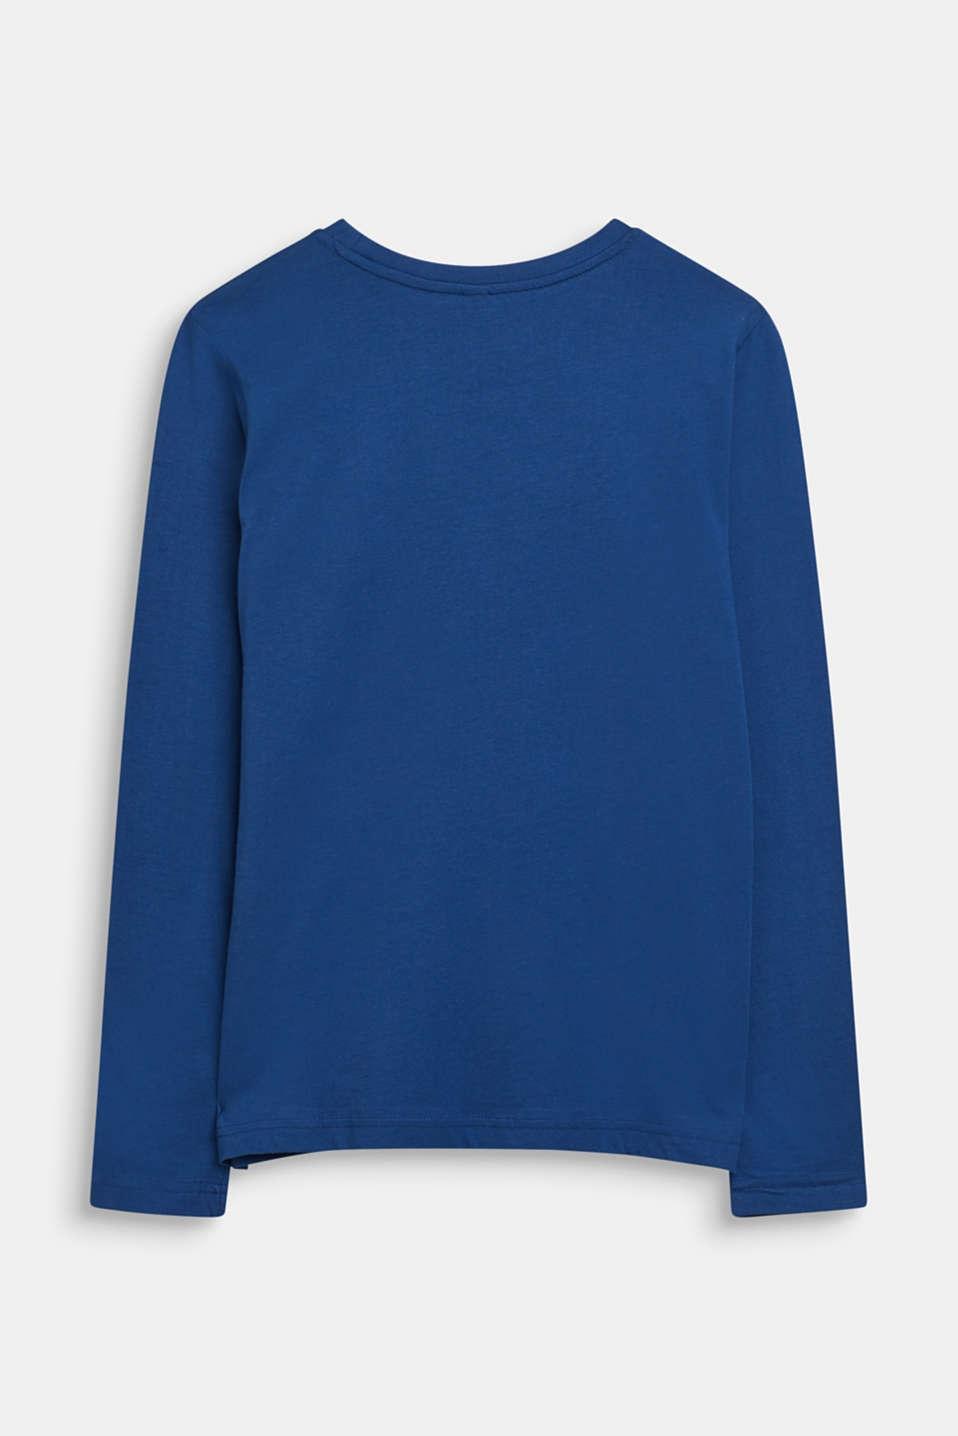 Printed long sleeve top, 100% cotton, LCINDIGO, detail image number 1